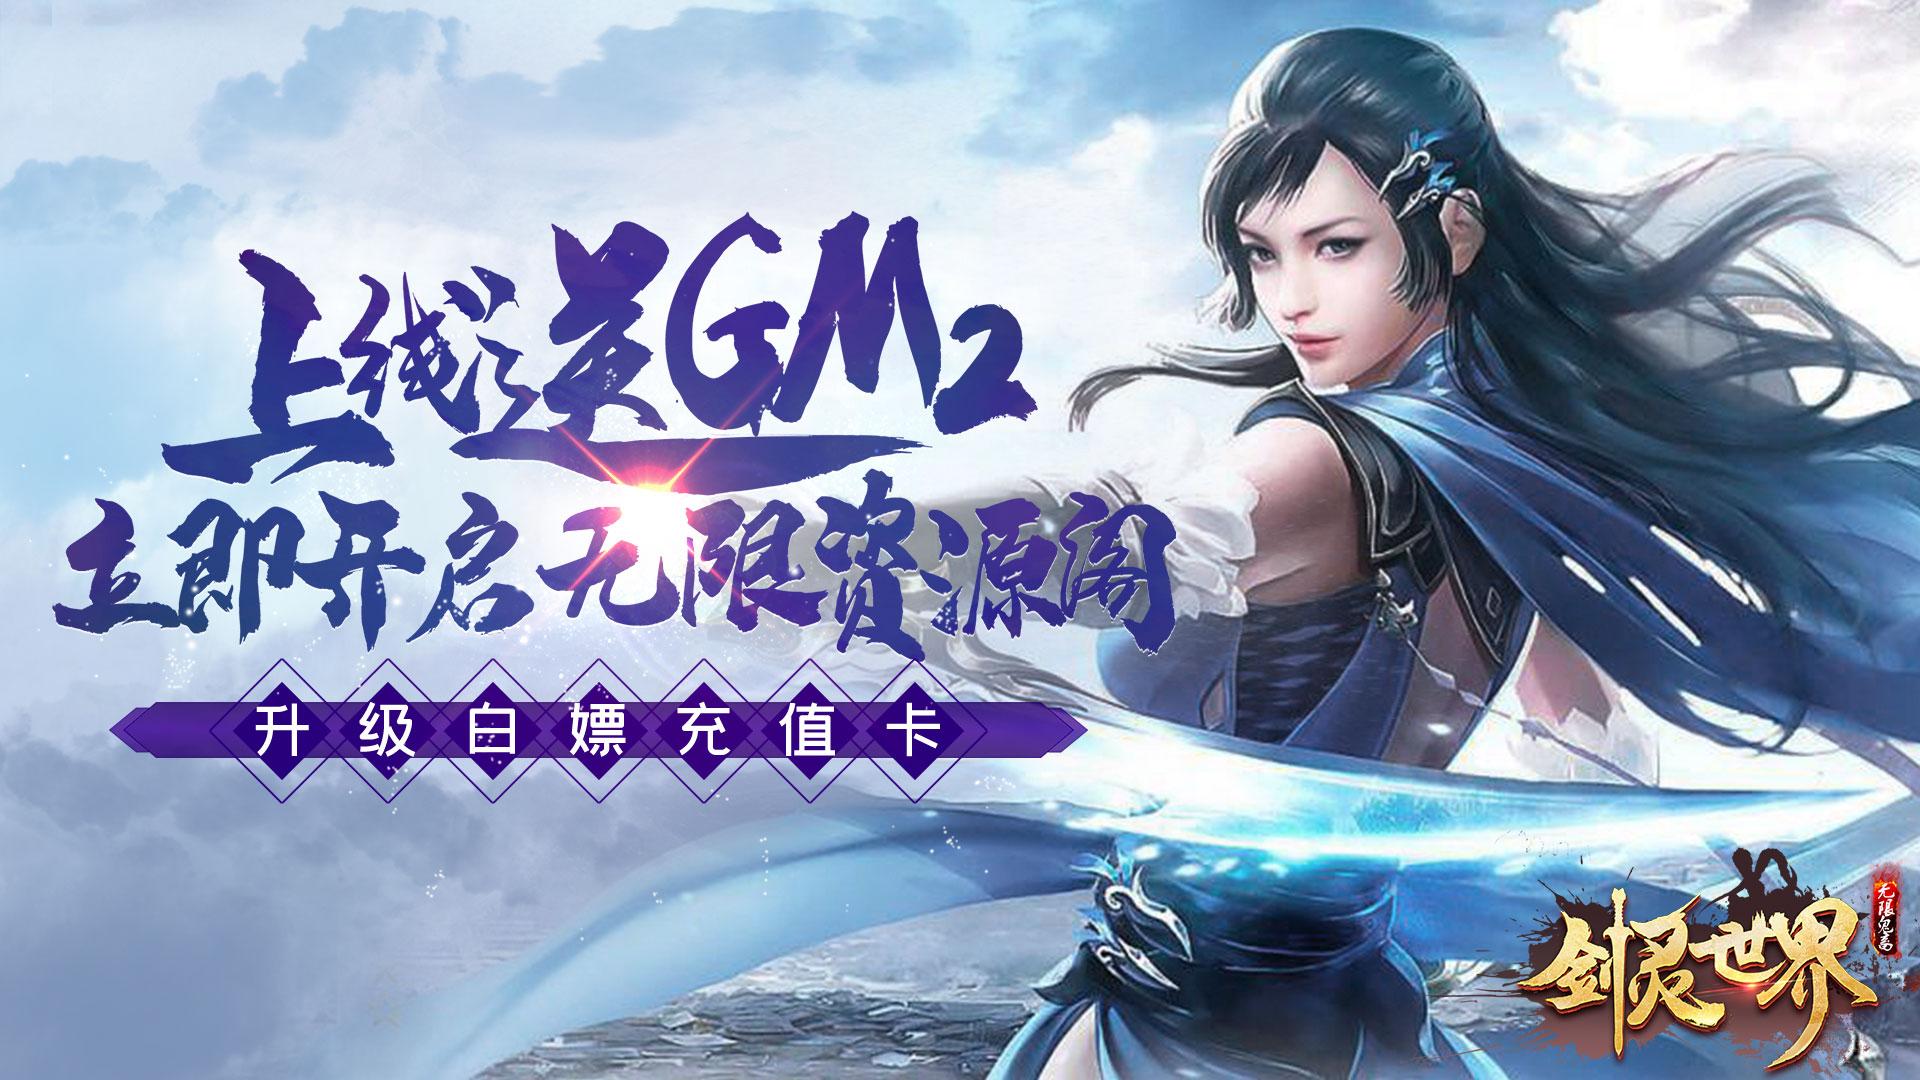 《剑灵世界(海量鬼畜)》变态版:上线送GM2、开启无限资源